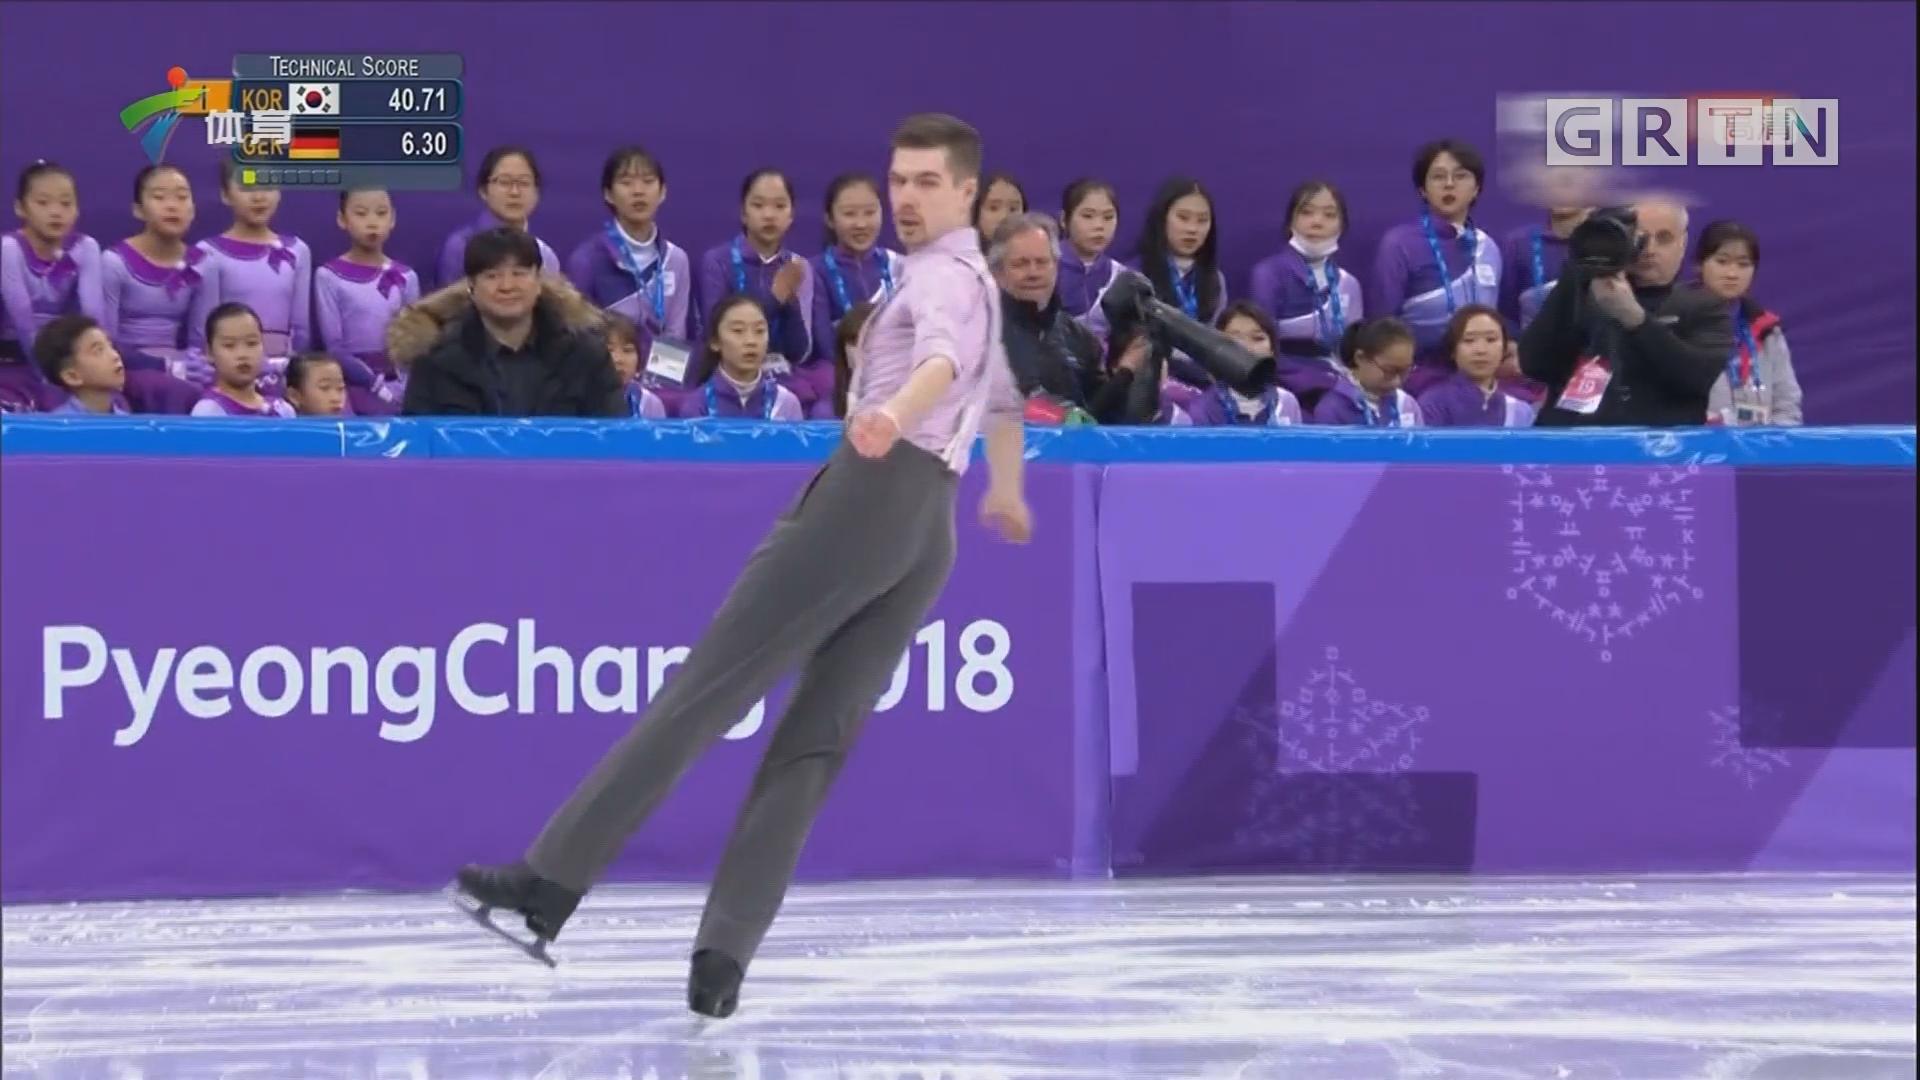 花样滑冰团体赛 中国队暂列第六